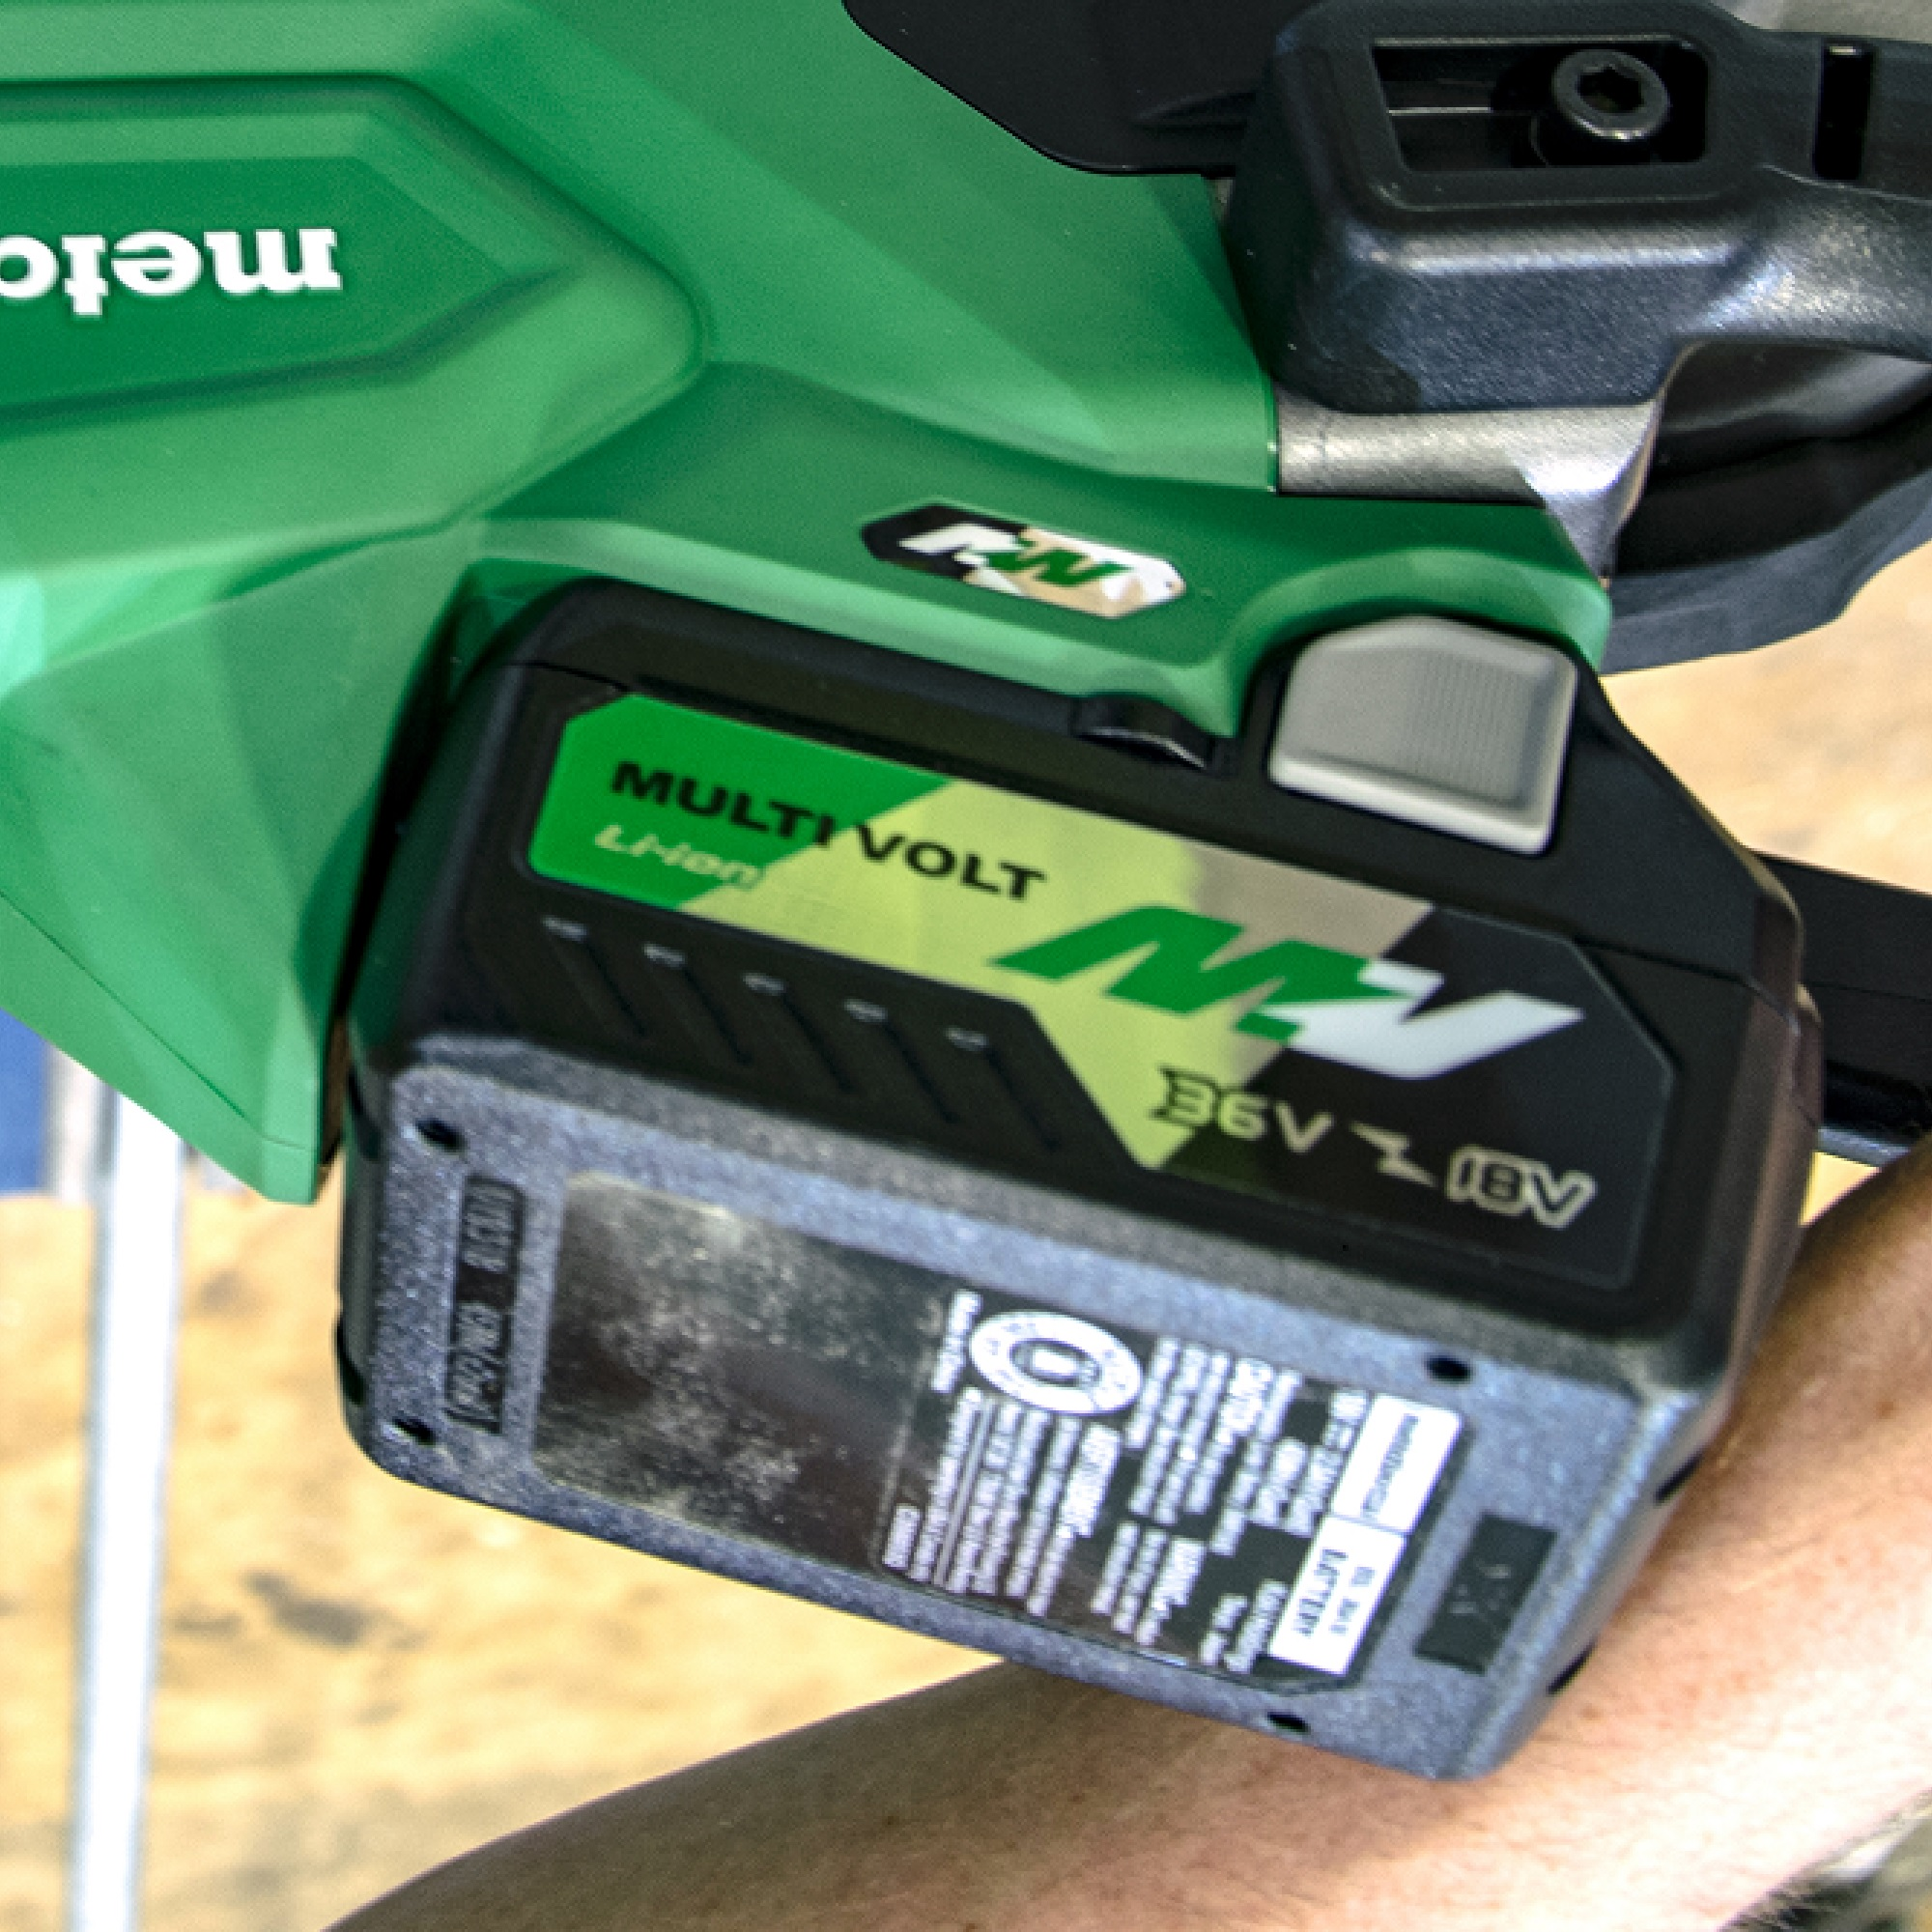 CB3612DA - Dual Power Convenience